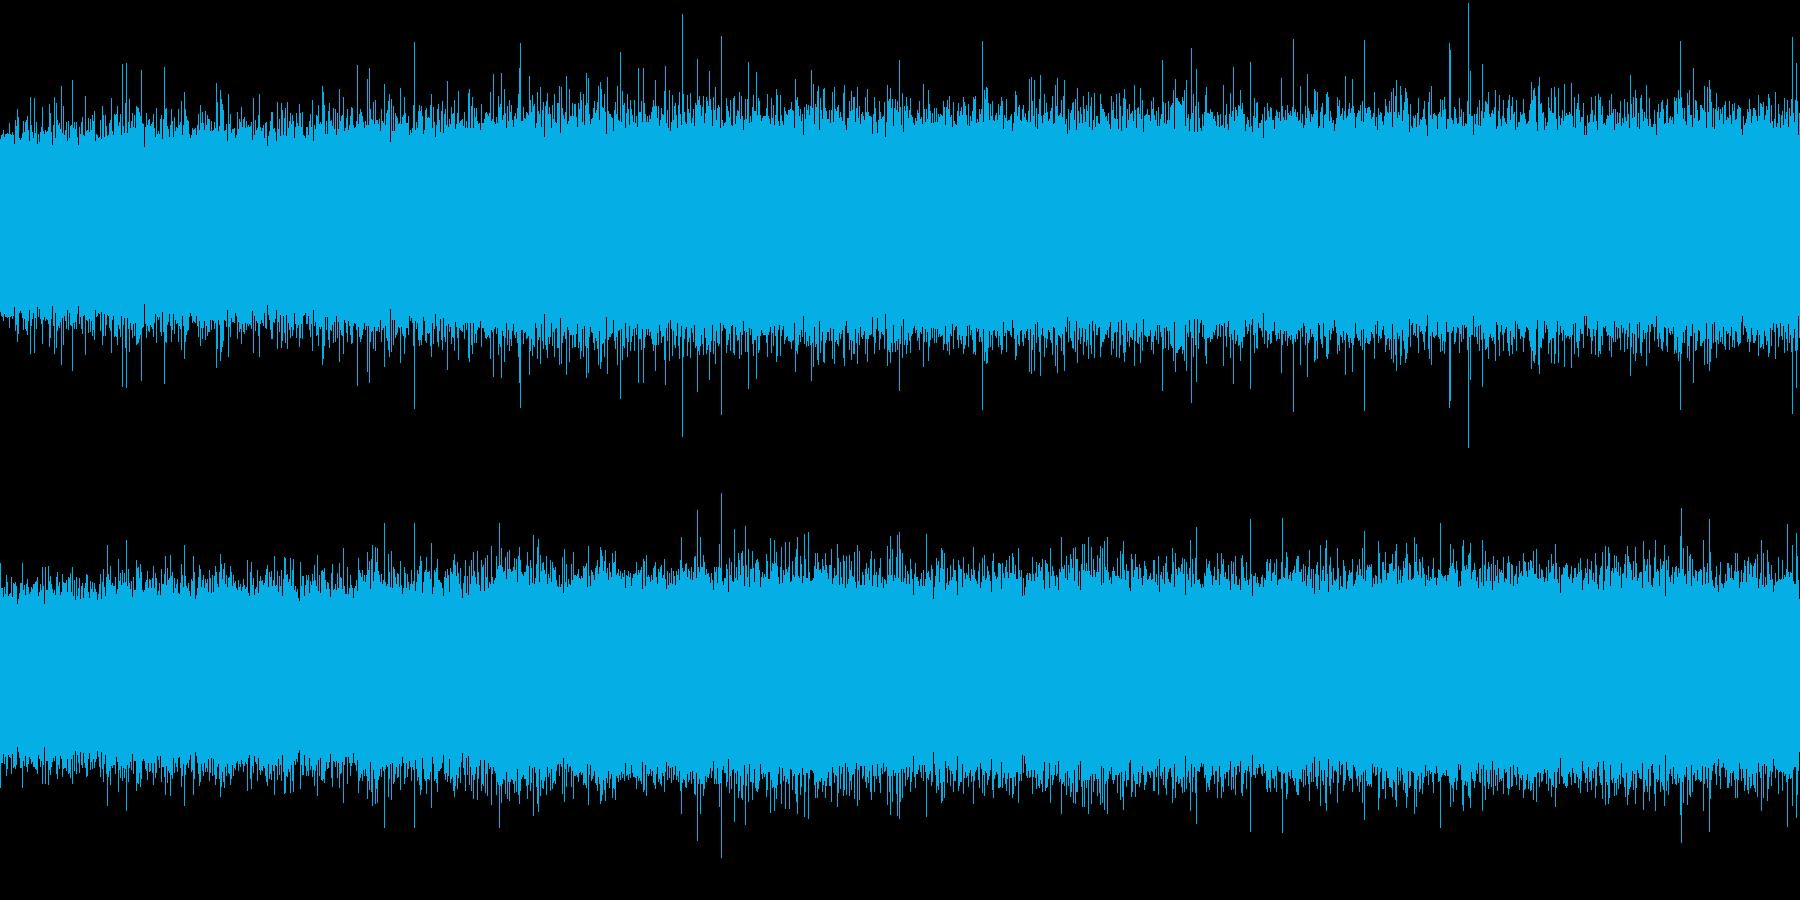 河原(環境音)の再生済みの波形